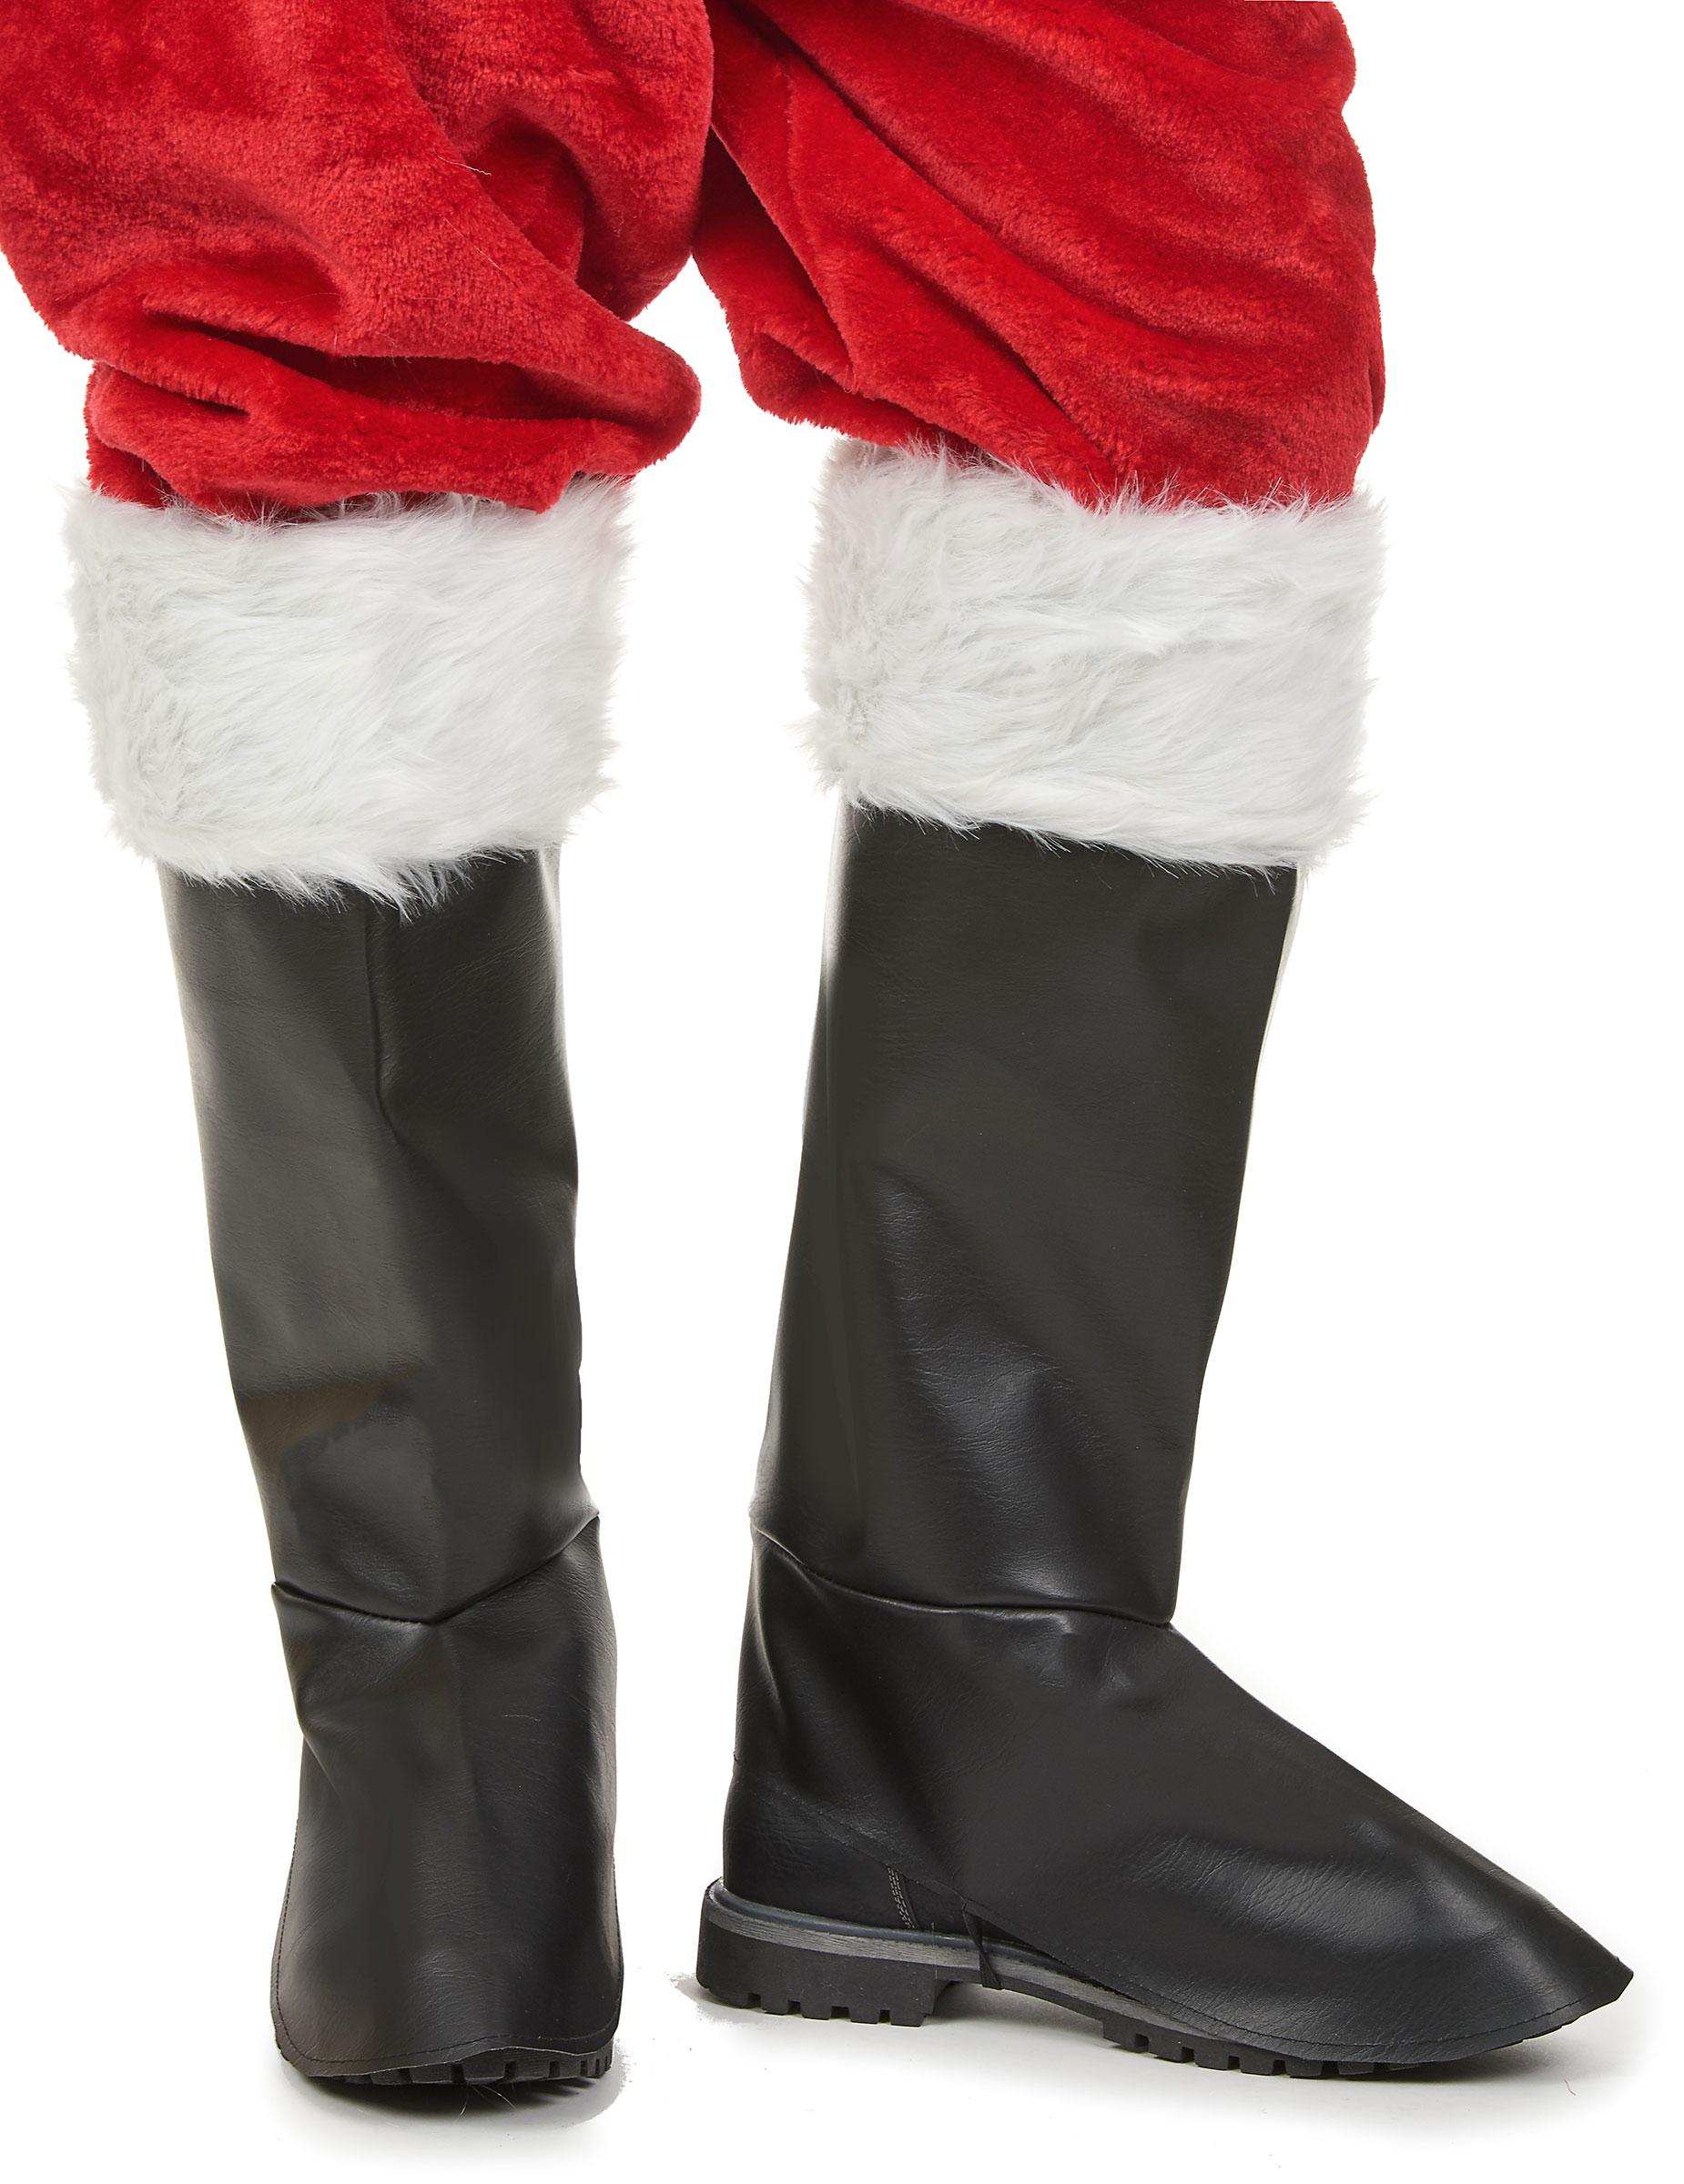 Schwarze Überstiefel für Weihnachtsmänner 155240